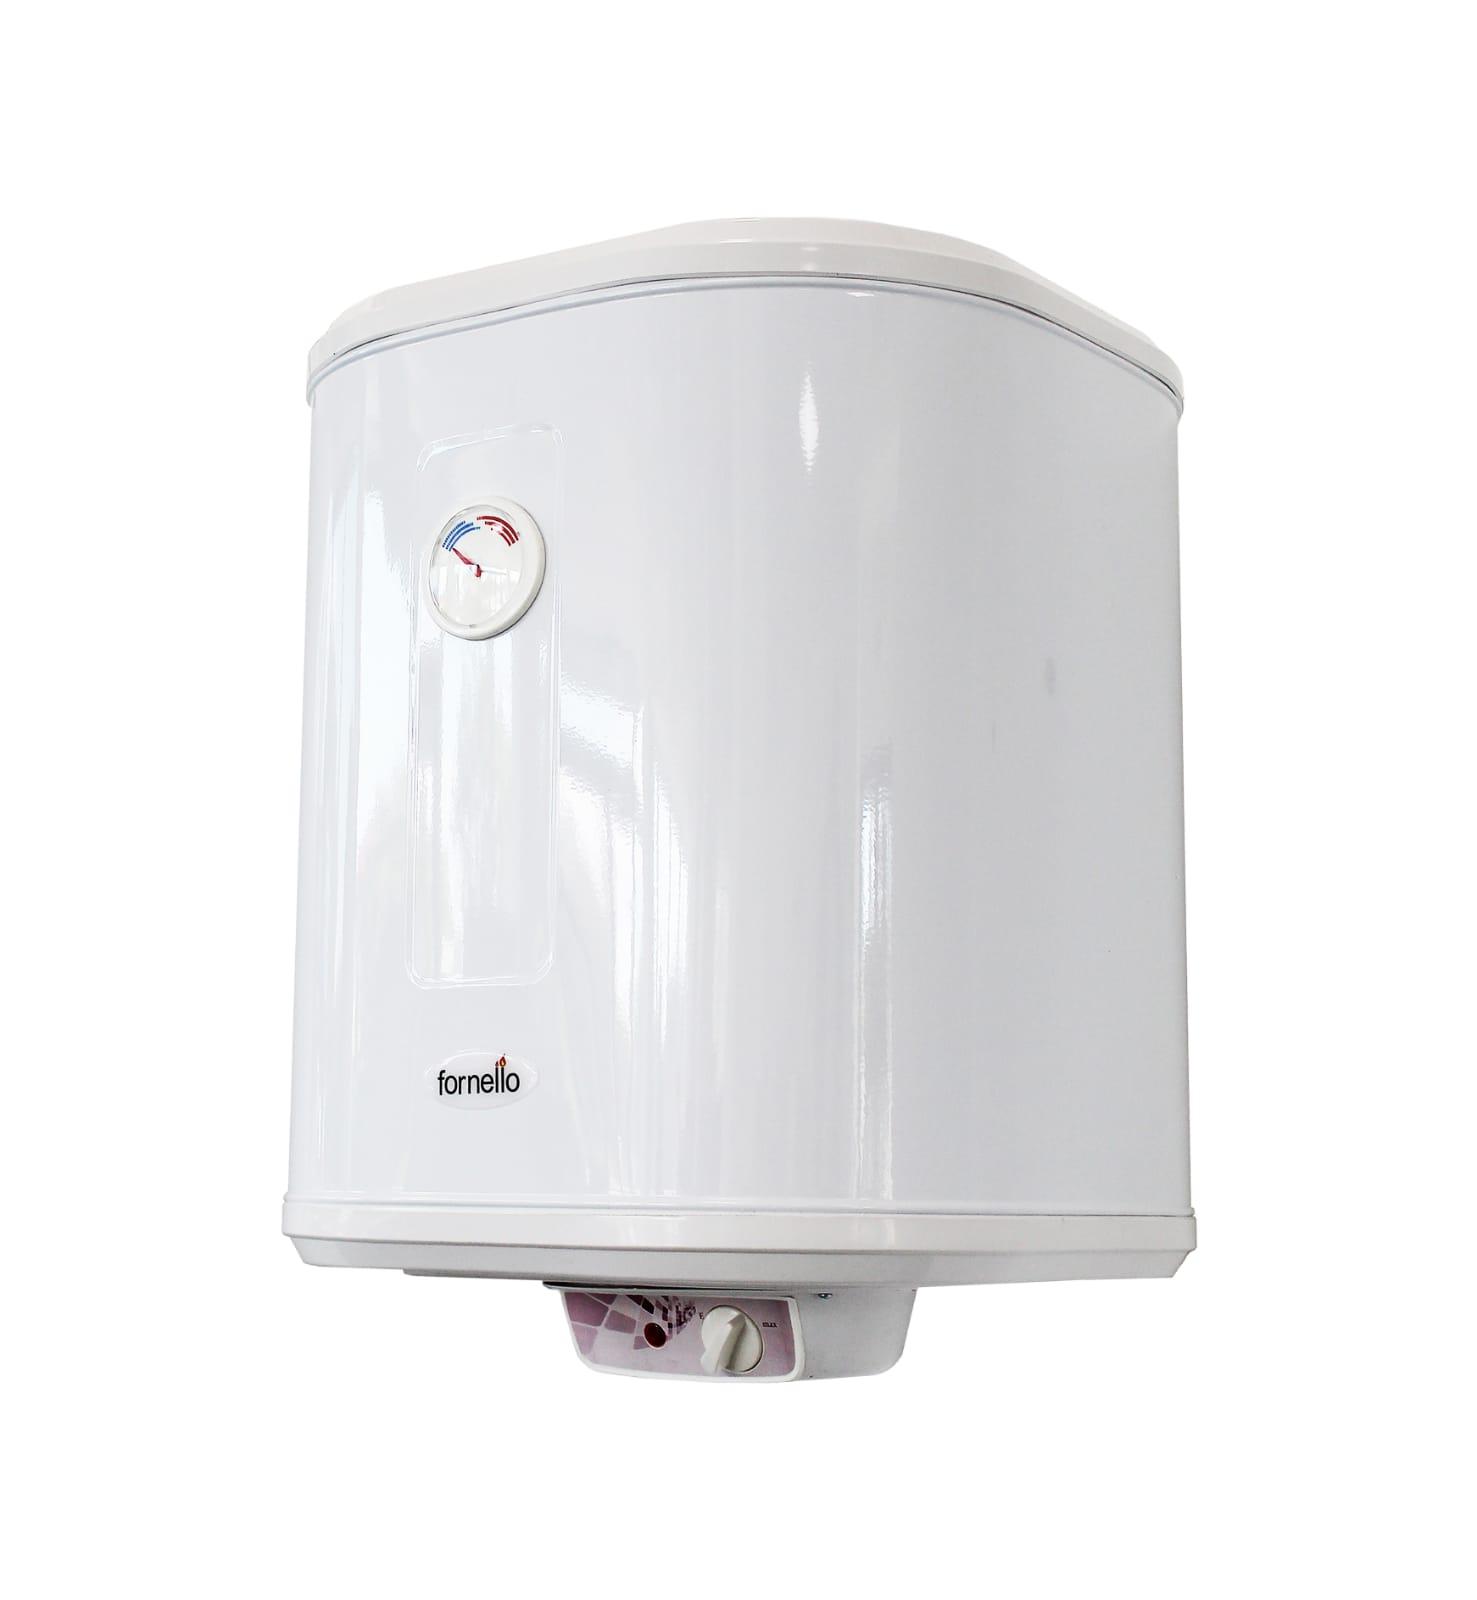 Boiler electric Fornello Prismatic 50 litri, 1500 watt, reglaj extern al temperaturii, emailat cu titan, cablu, stecher , supapa de siguranta imagine fornello.ro